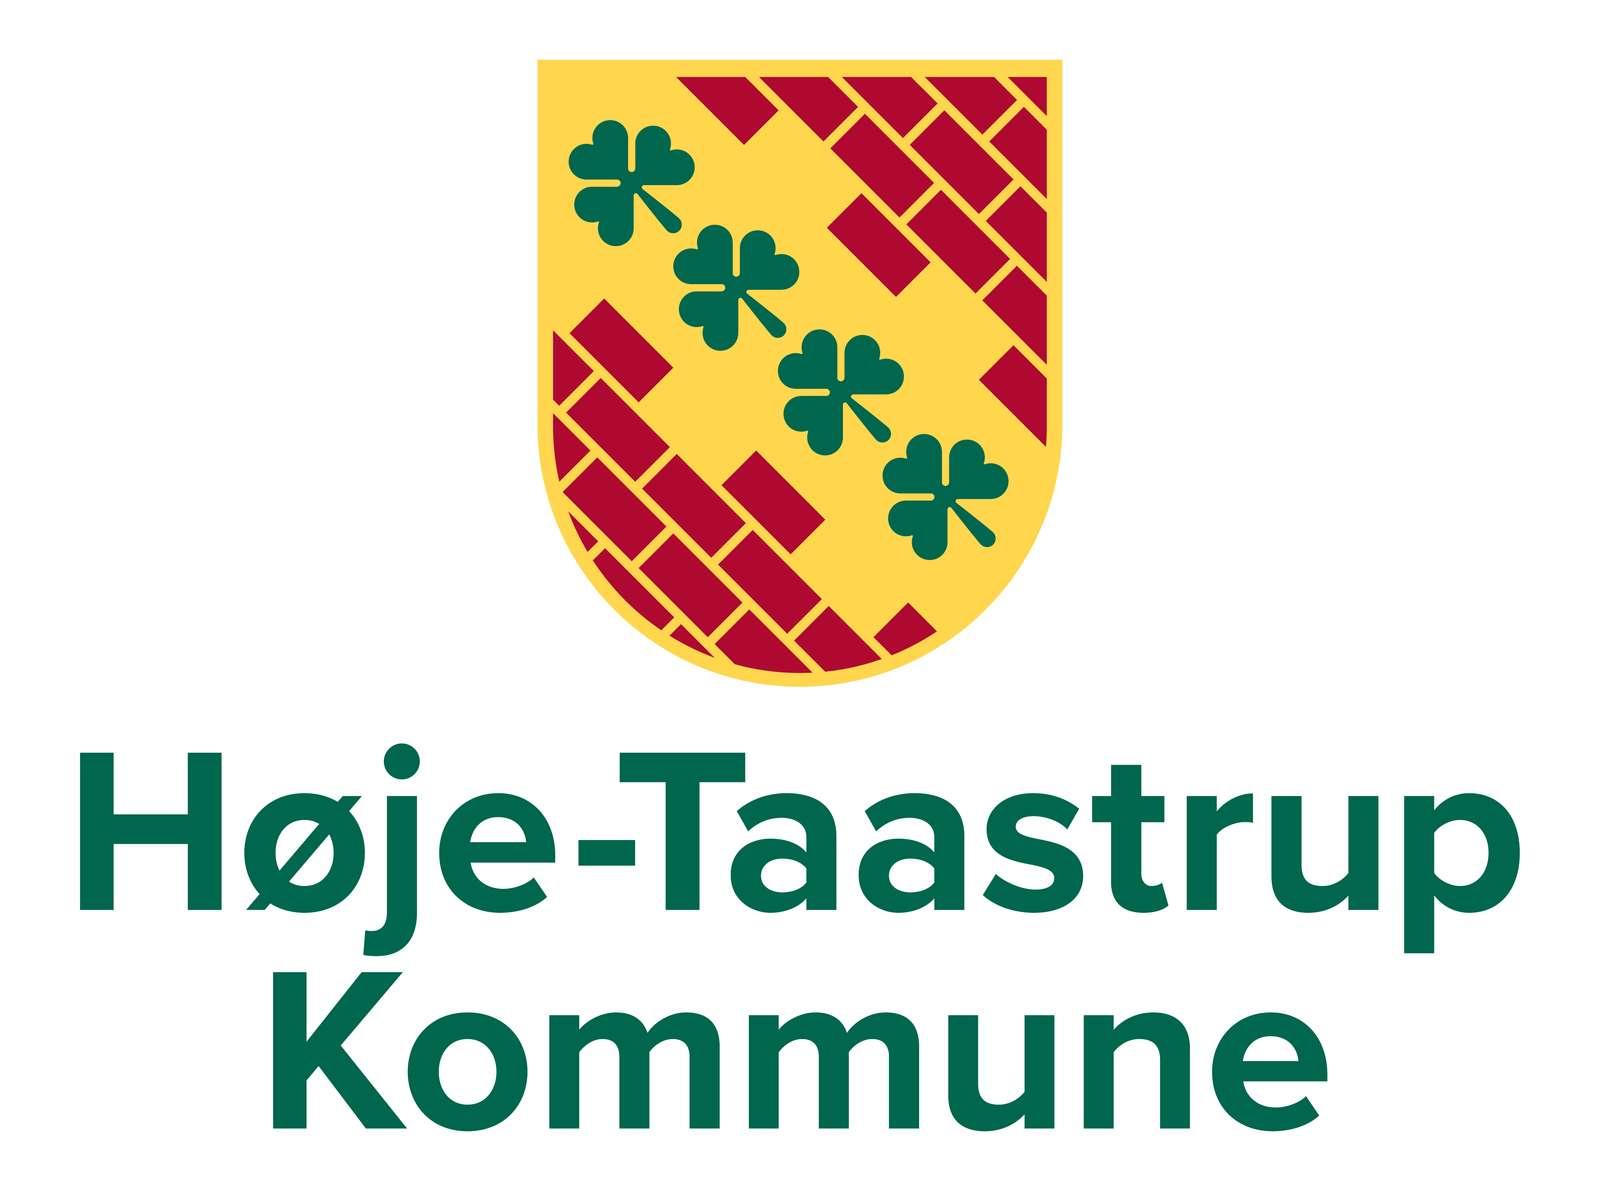 Høje-Taastrup Kommune, lead partner